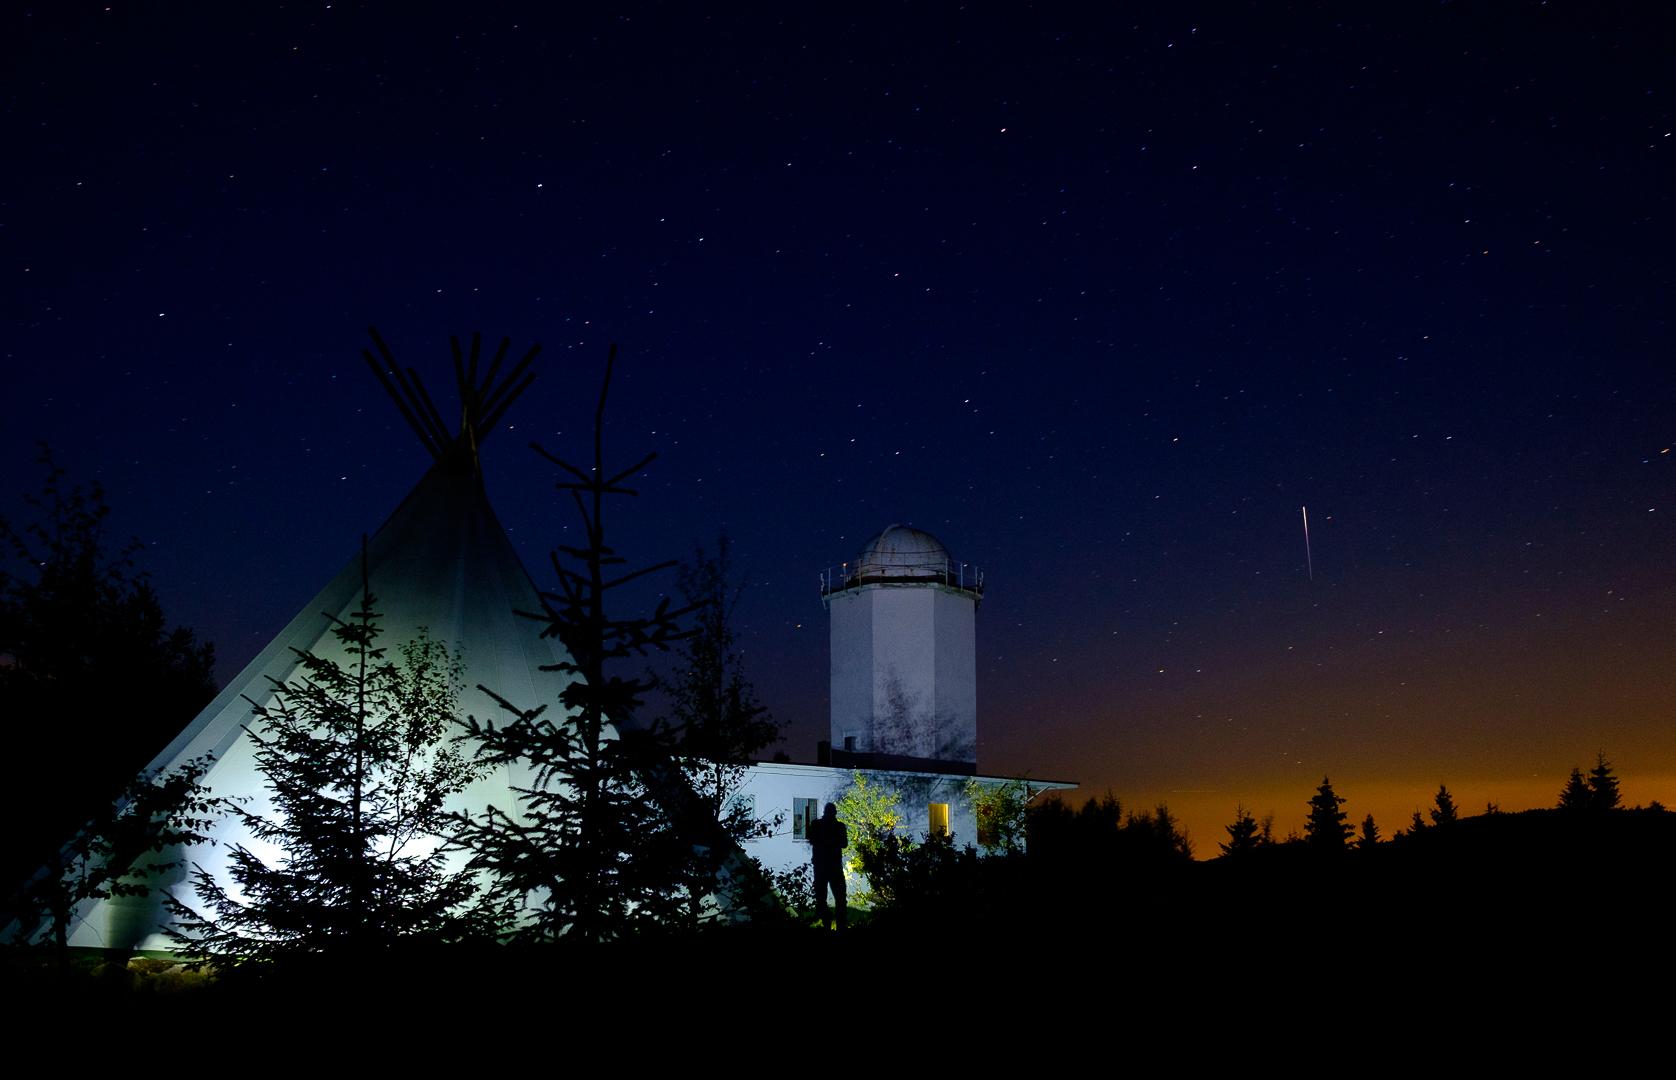 Bilde fra Harestua. Solobservatoriet ble lagt til Harestua på Hadeland, langt unna den forstyrrende lysforurensningen i Oslo. Foto: Hans Aspenberg